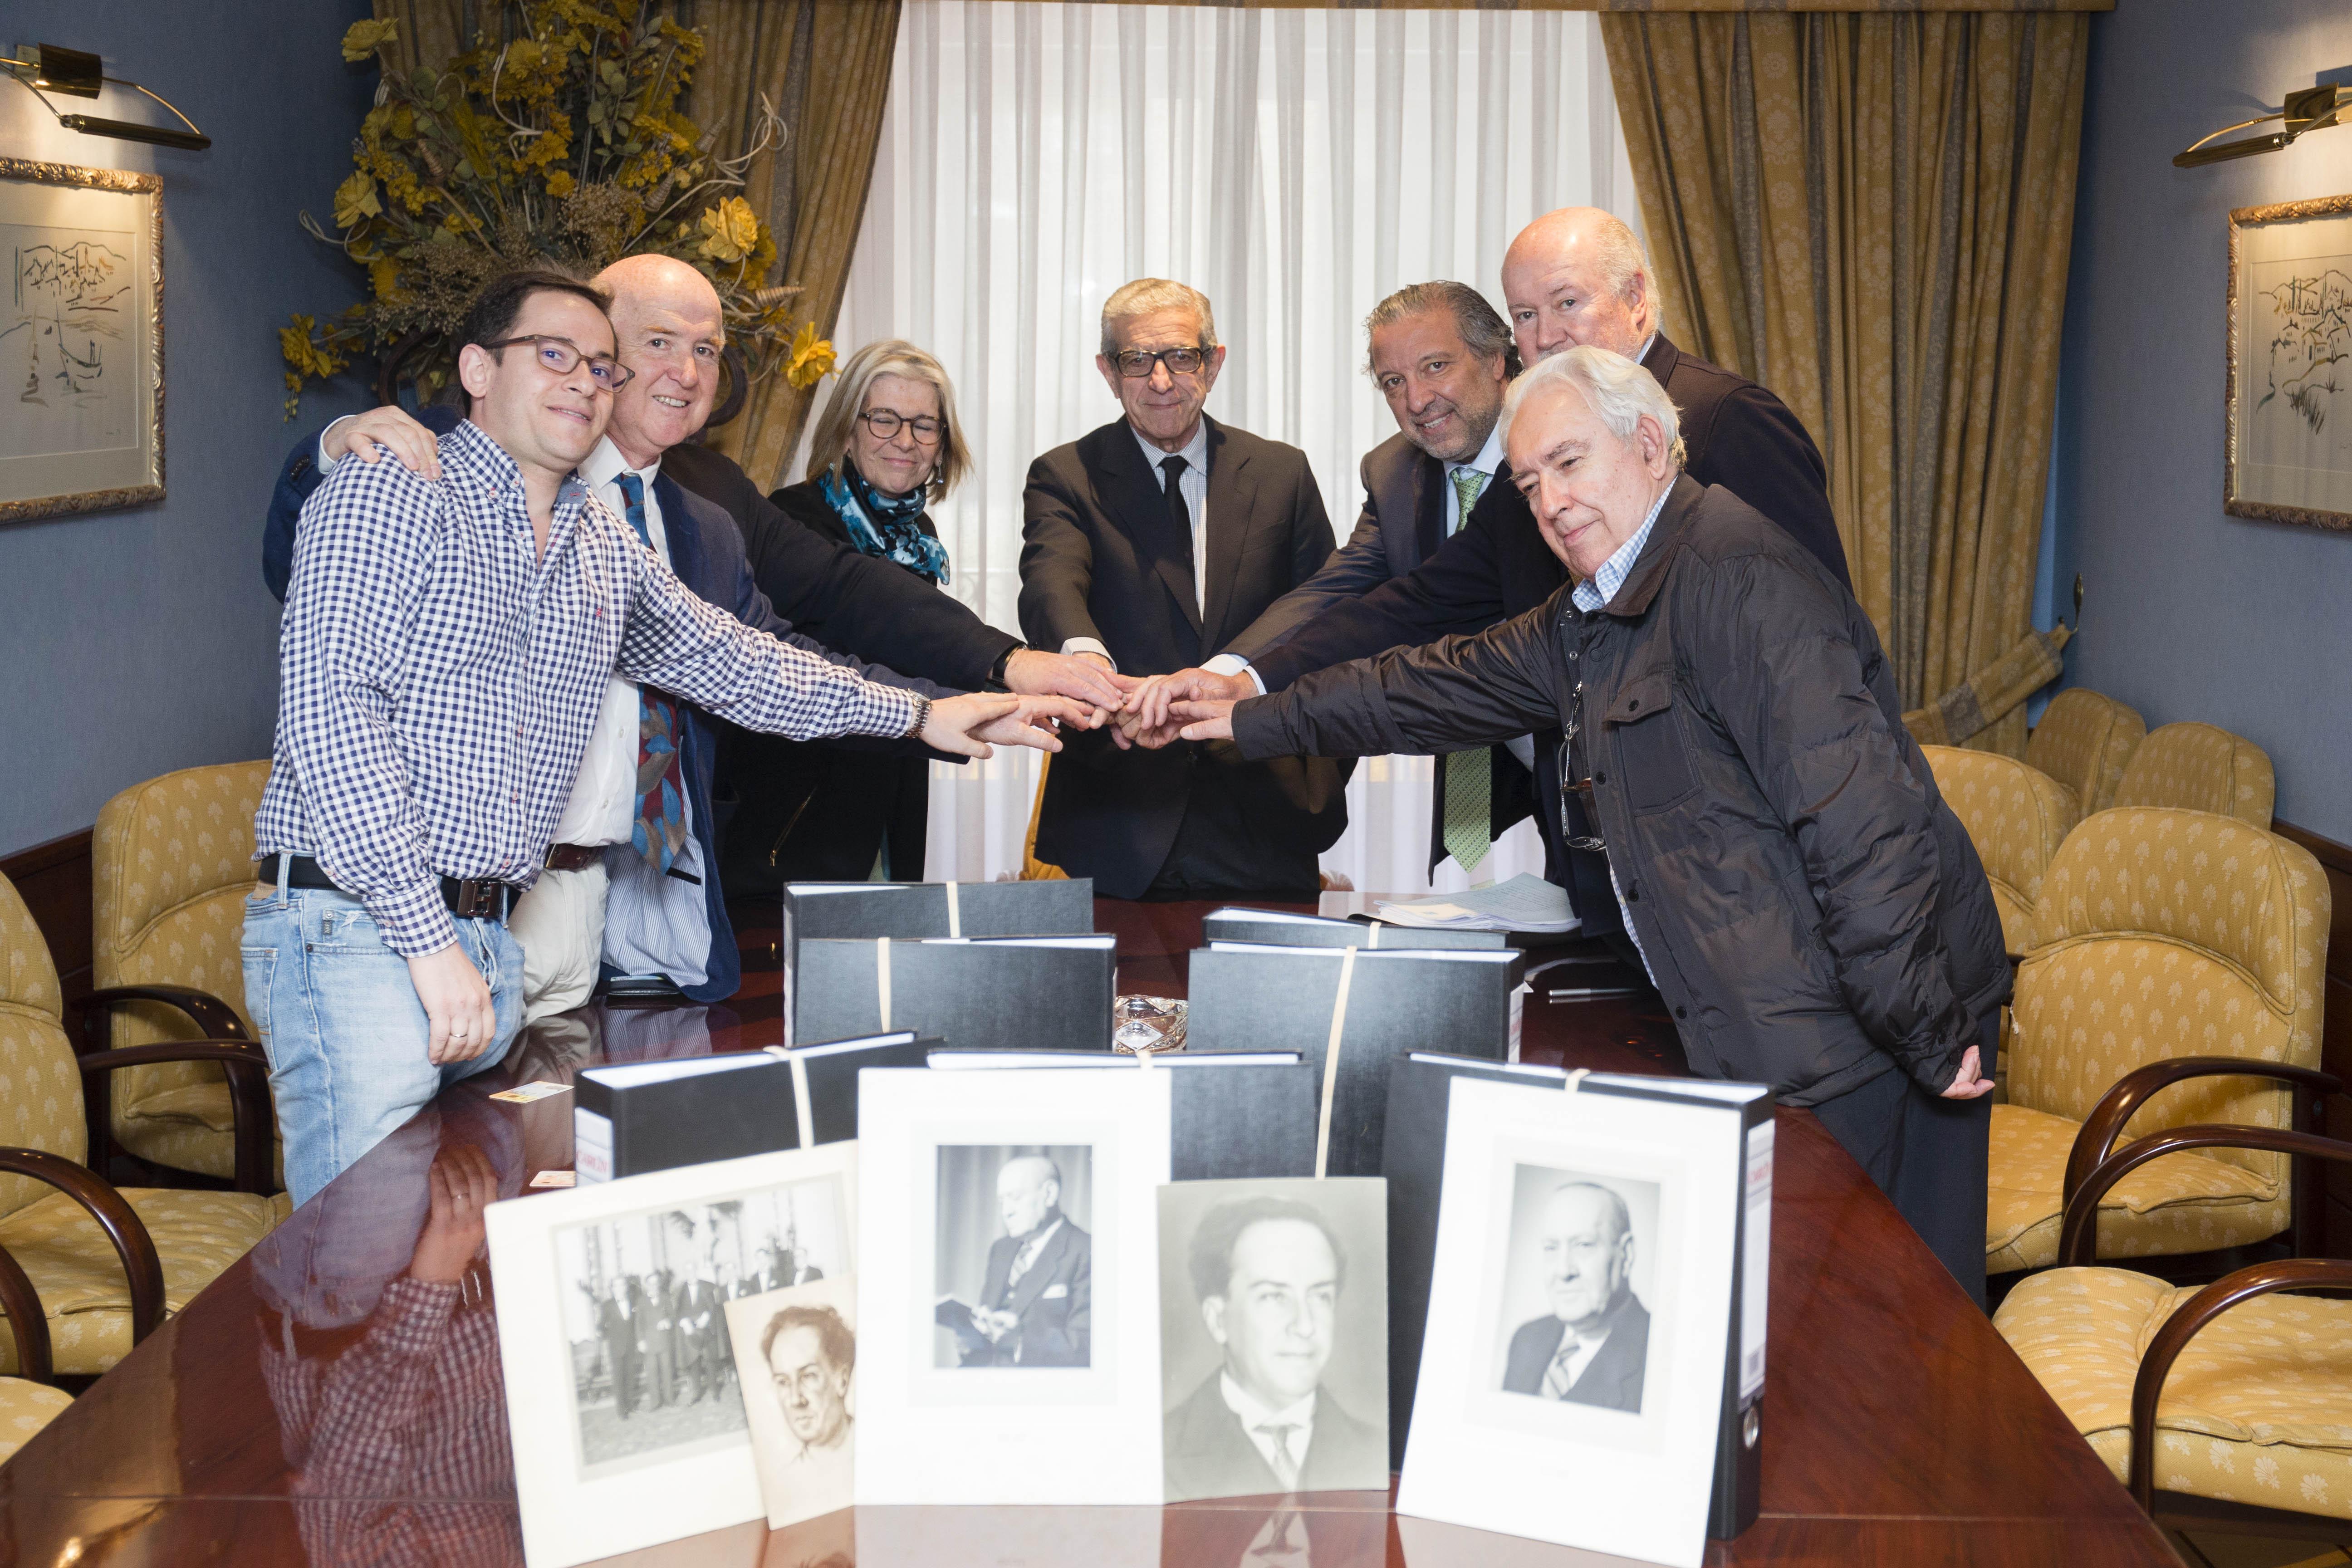 Fundación Unicaja acuerda con los herederos de Antonio y Manuel Machado la adquisición de un valioso legado